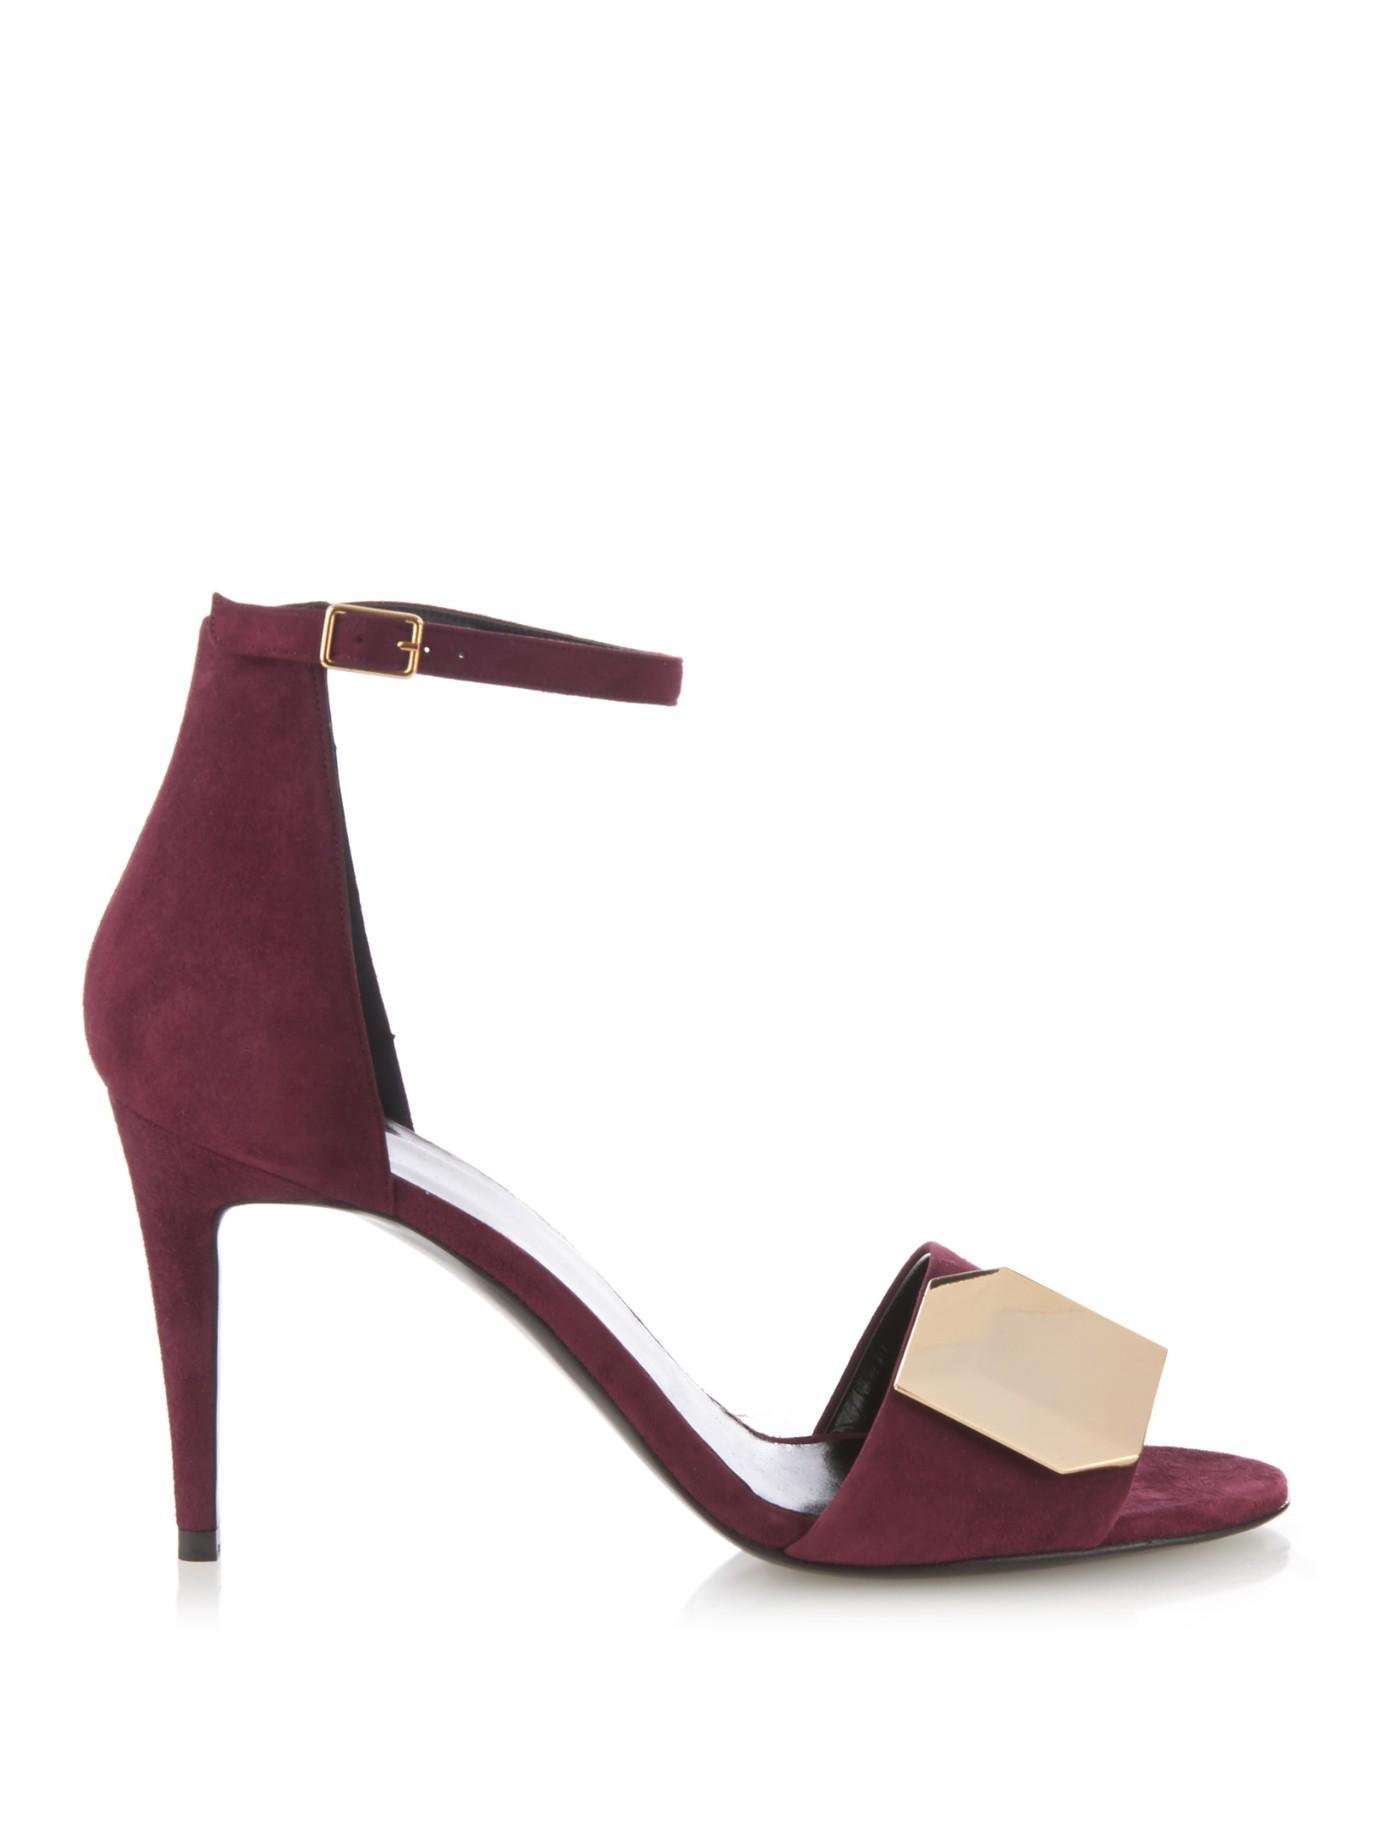 Pierre Hardy Burgundy Cloth Heels IK4Wb5Yry